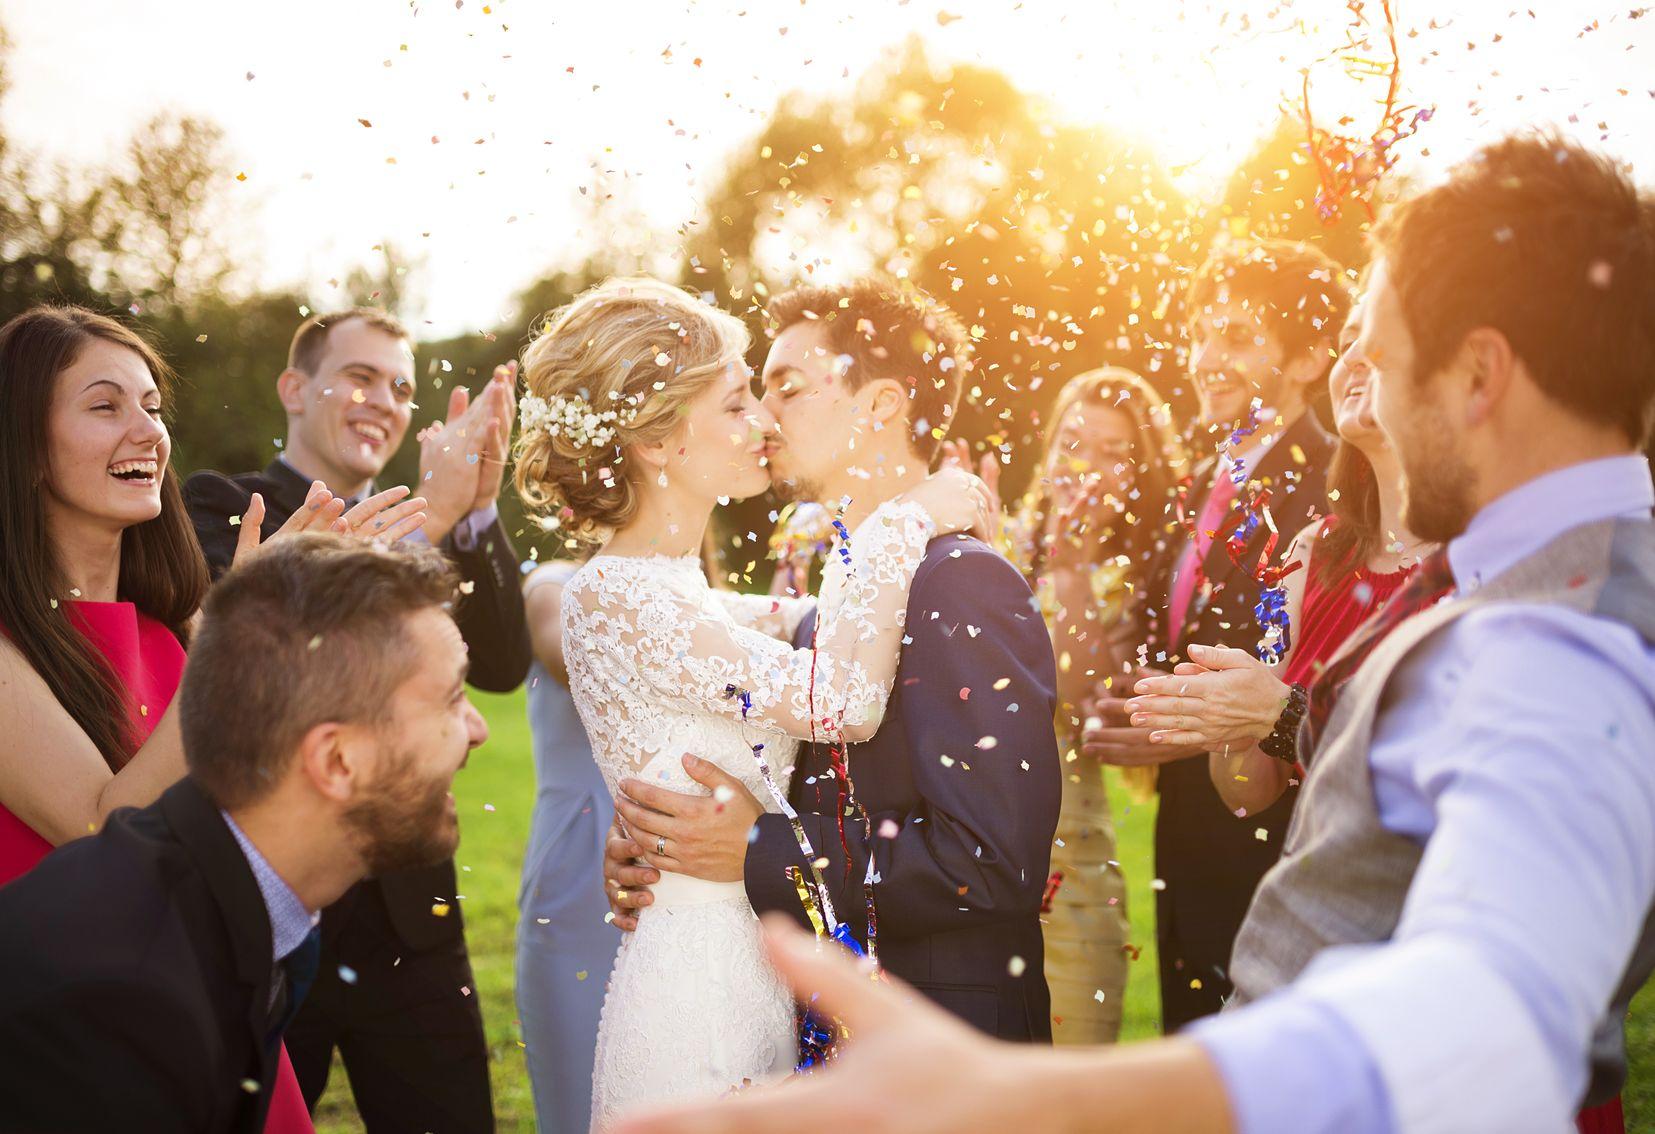 Het gewijzigde huwelijksvermogensrecht per 1 januari 2018, waar moet je op letten?